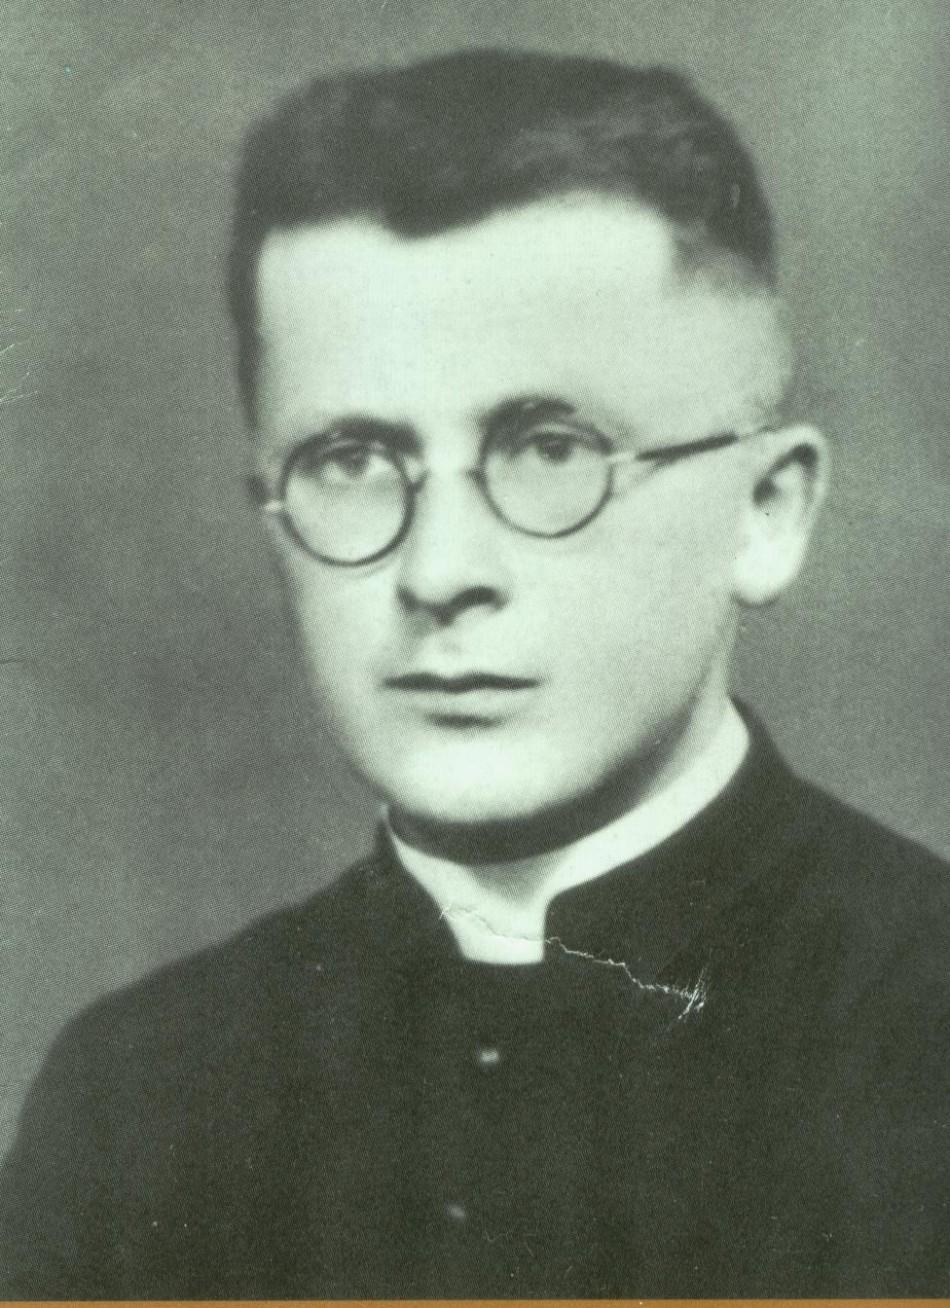 AC scuola di Santità: Francesco Bonifacio